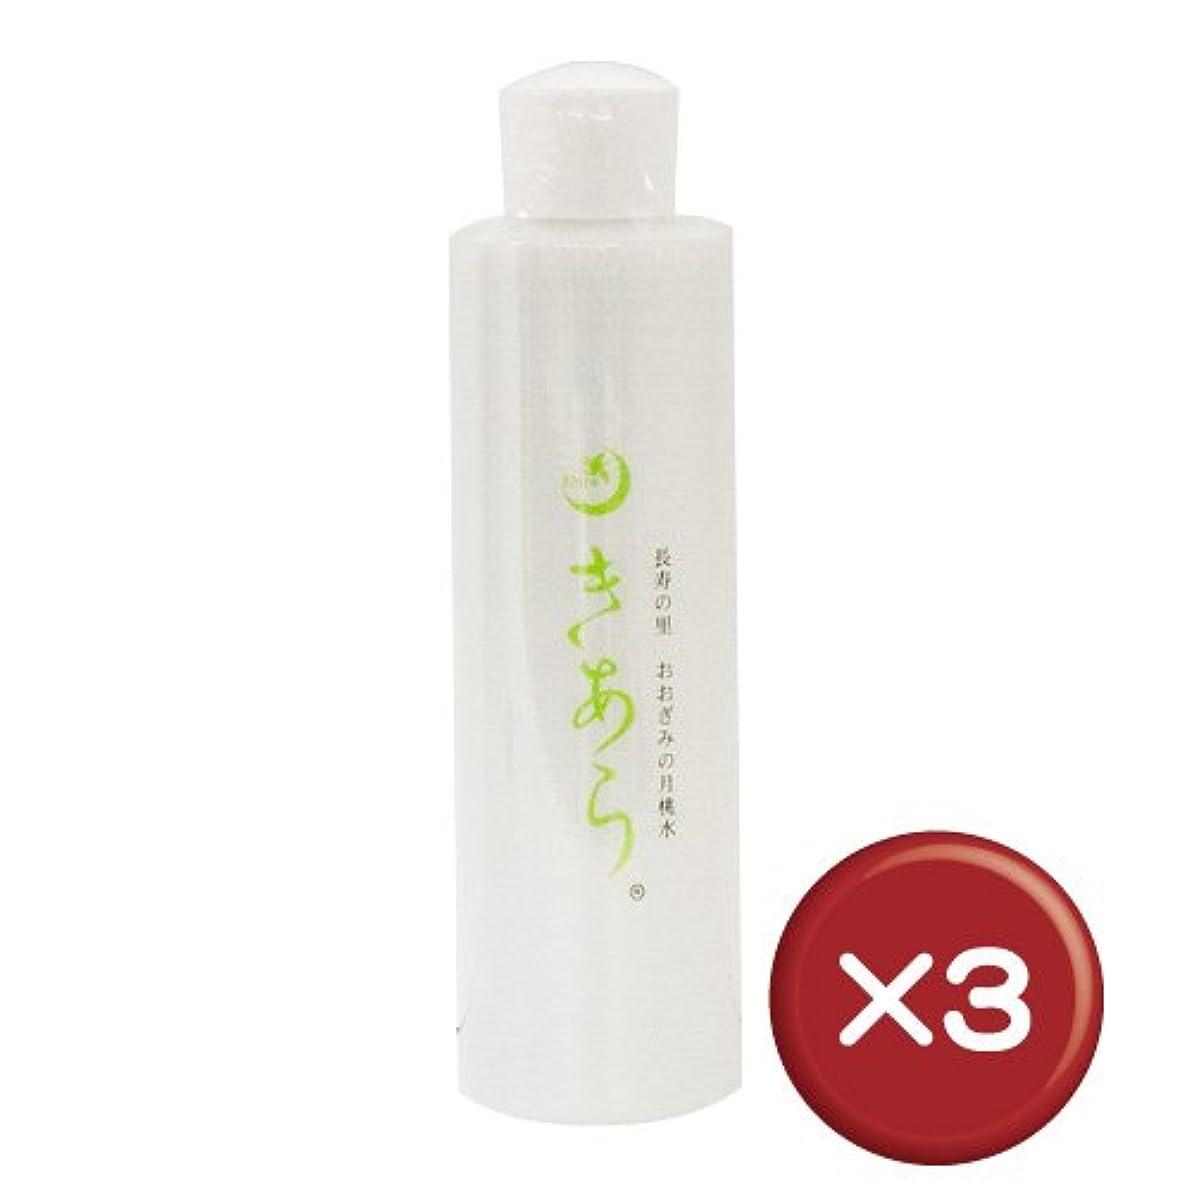 メッシュ五十ながら化粧水きあら(詰替え用) 200ml 3本セット